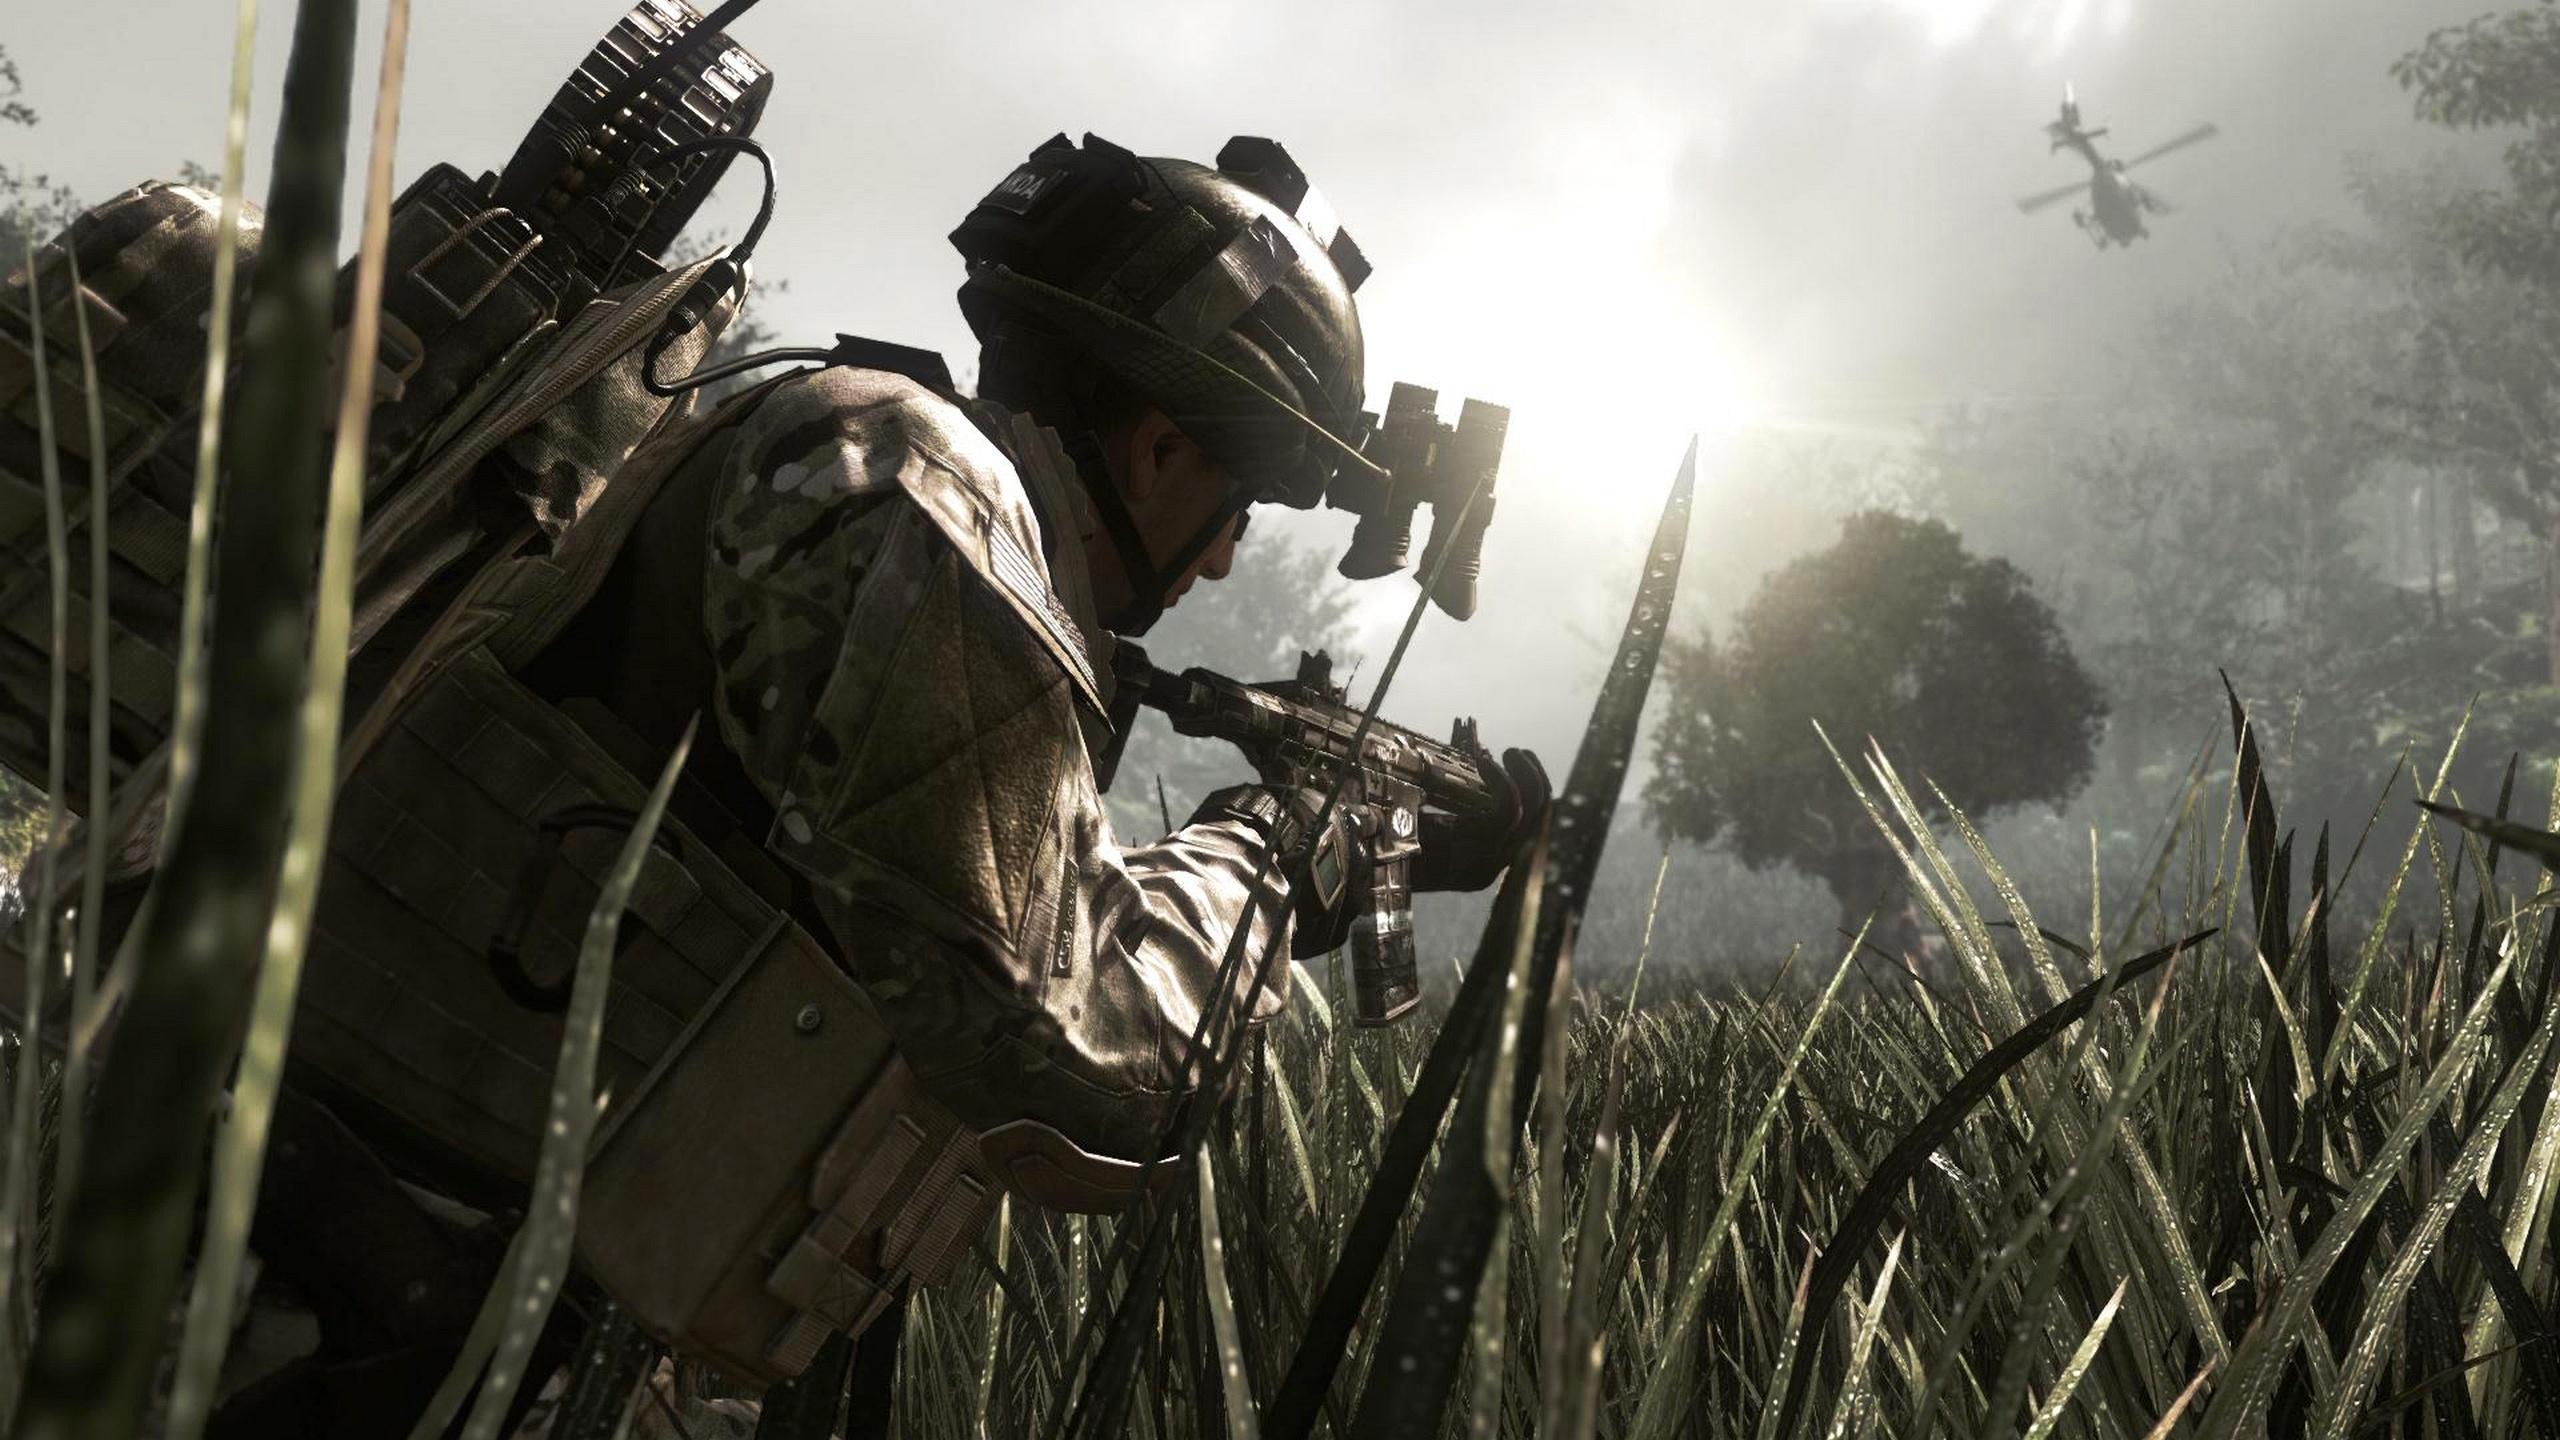 Скачать игру Call of Duty Ghosts бесплатно.